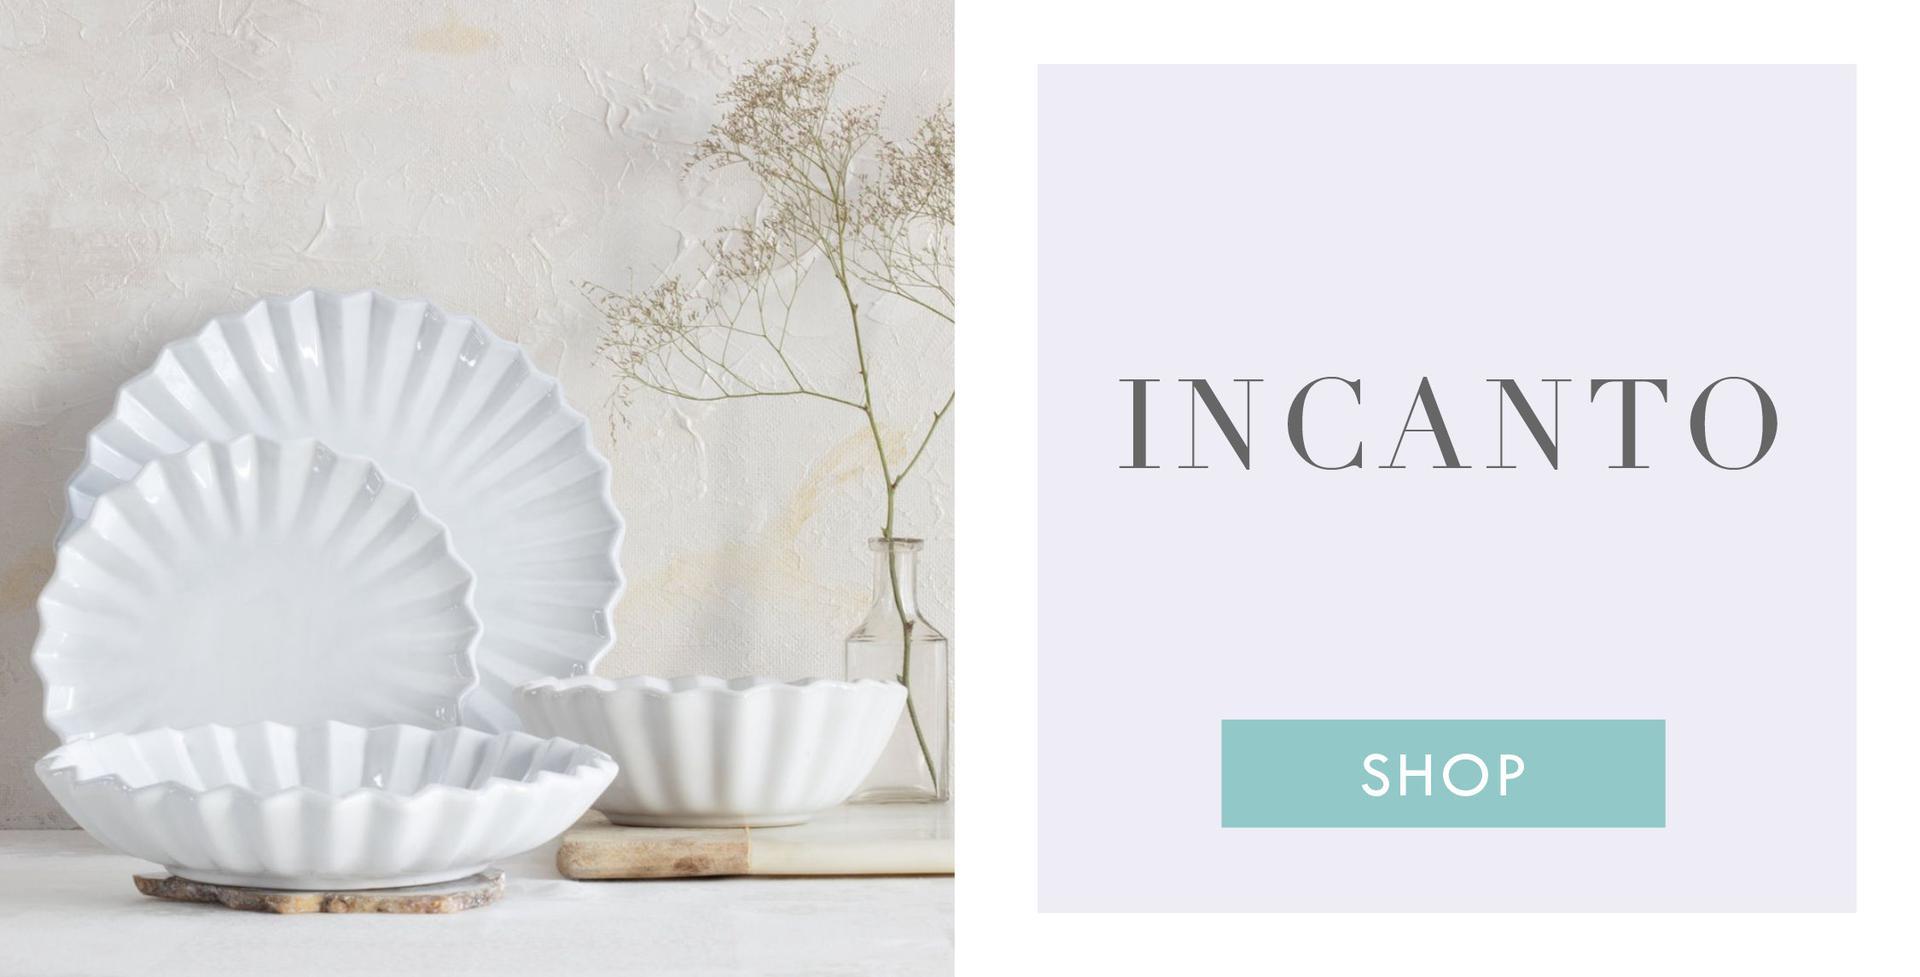 Shop the Incanto Collection